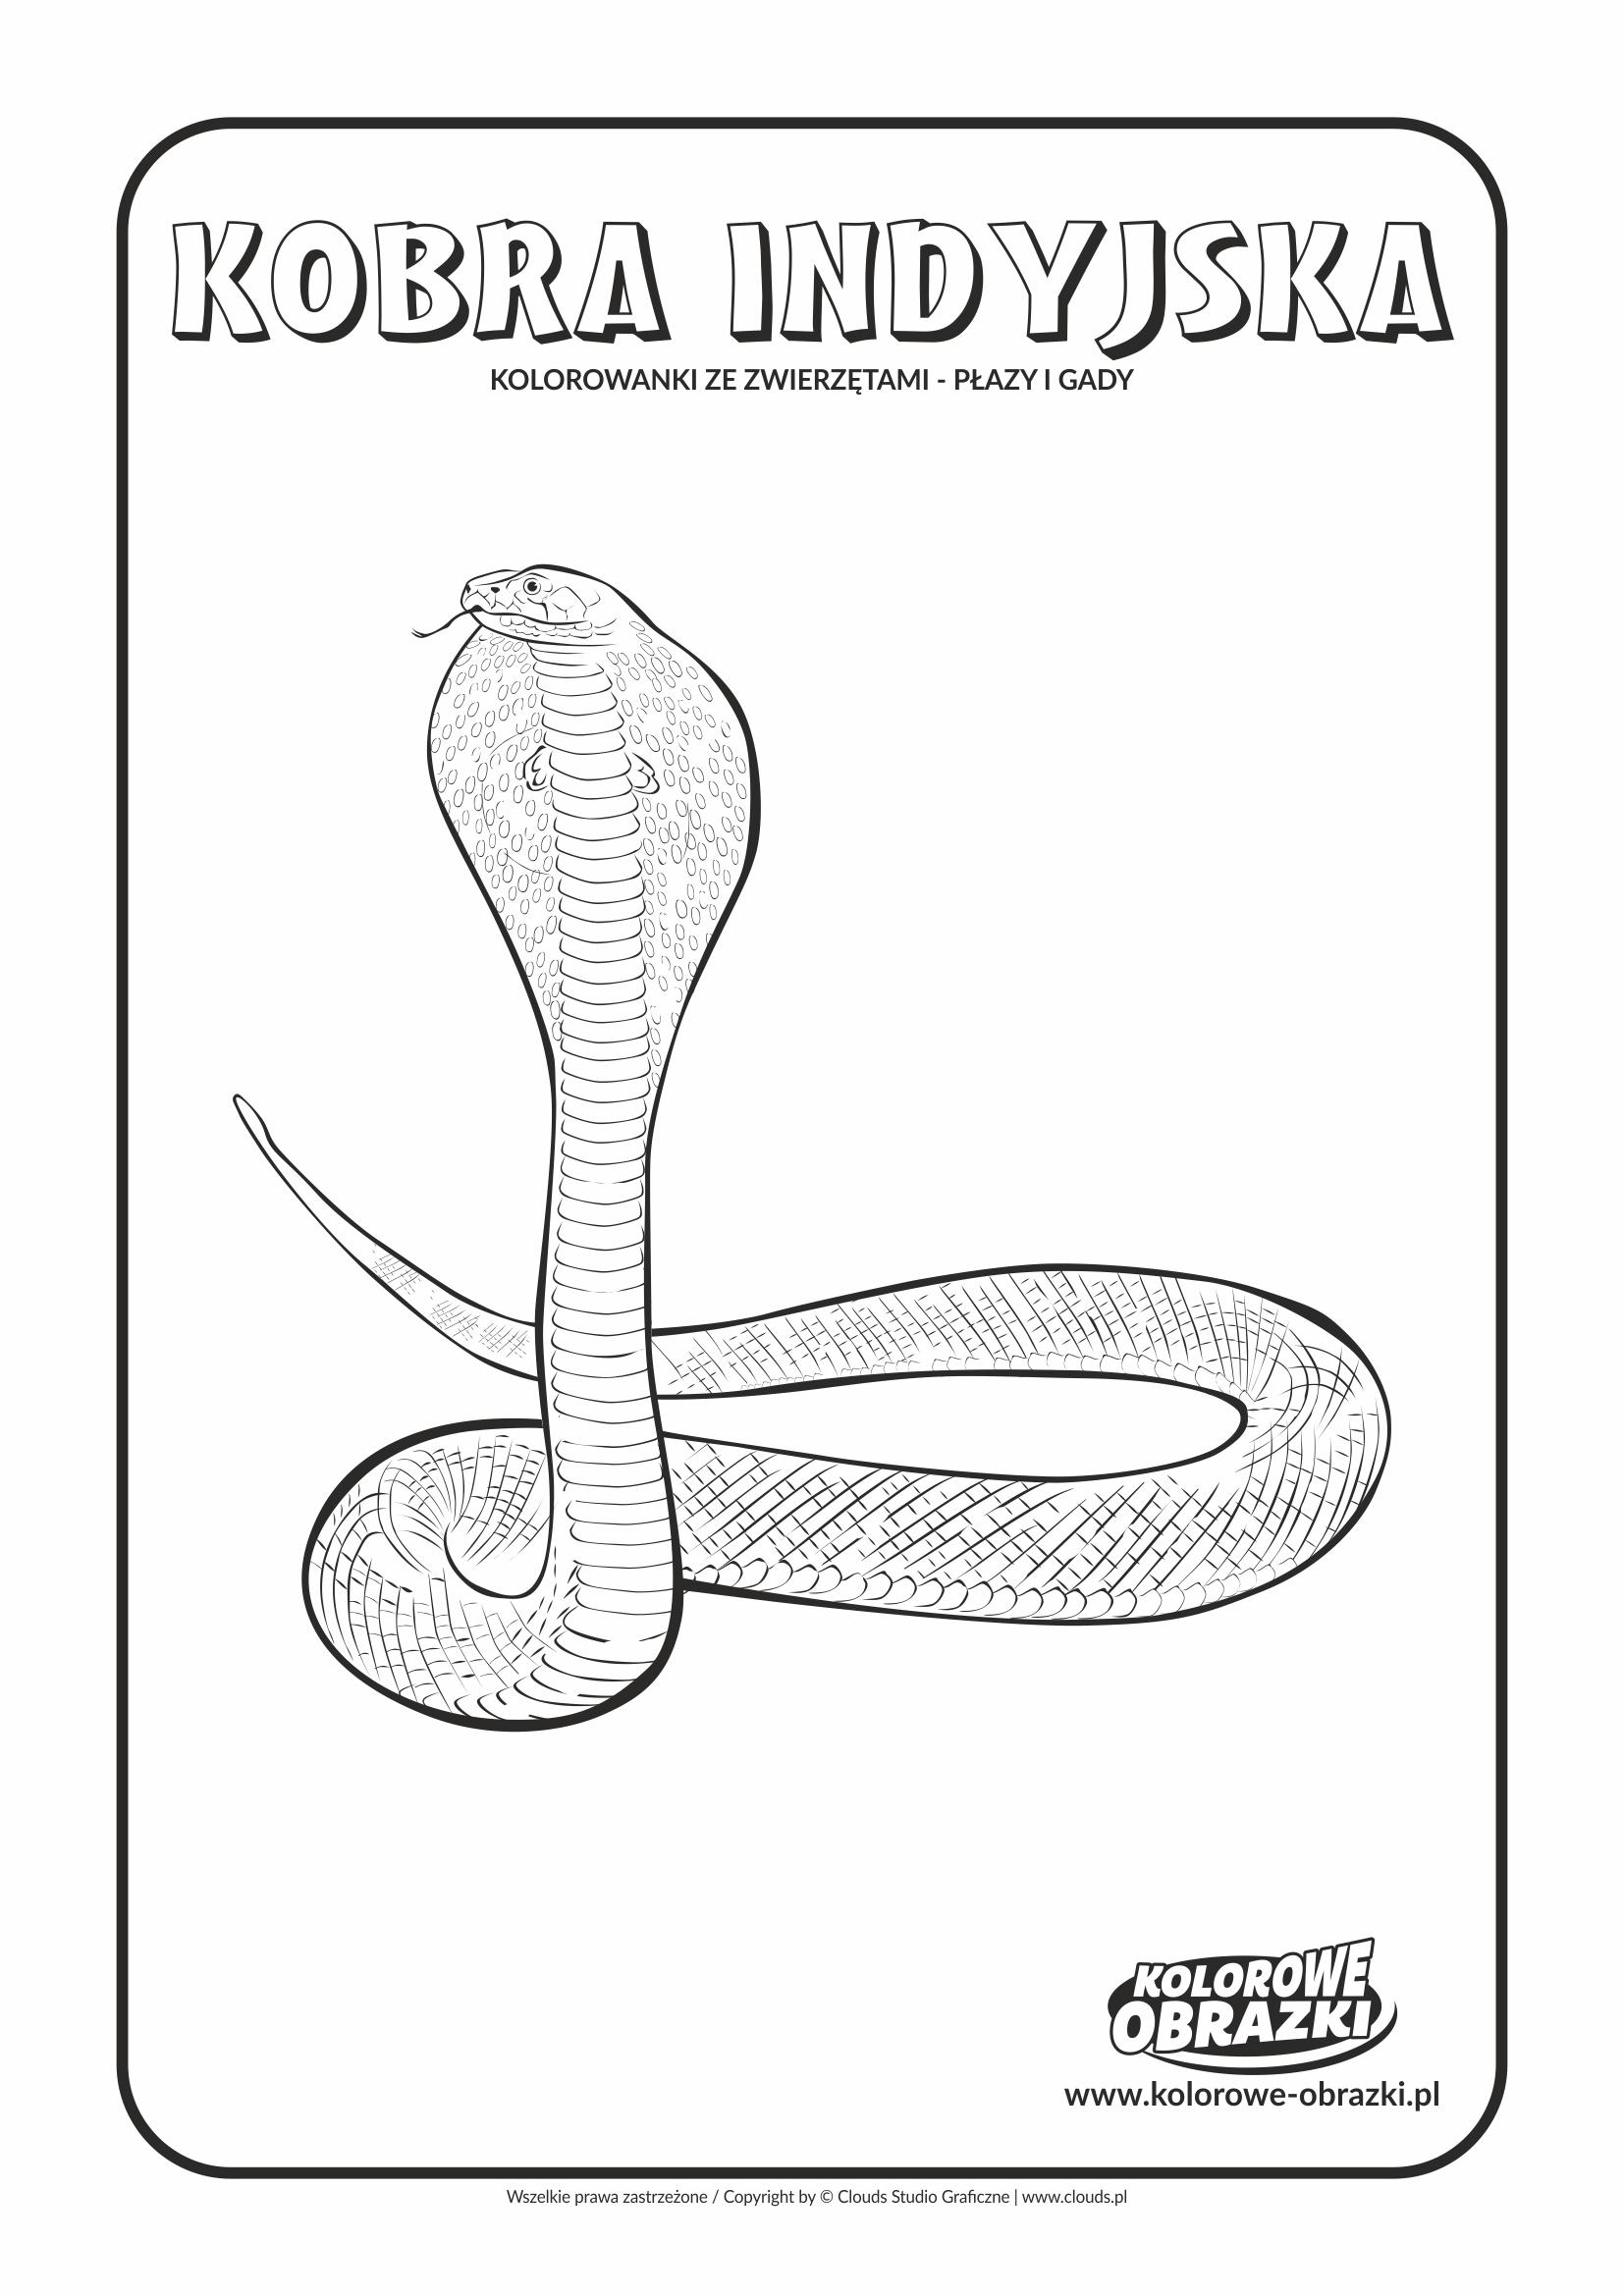 Kolorowanki dla dzieci - Zwierzęta / Kobra indyjska. Kolorowanka z kobrą indyjską